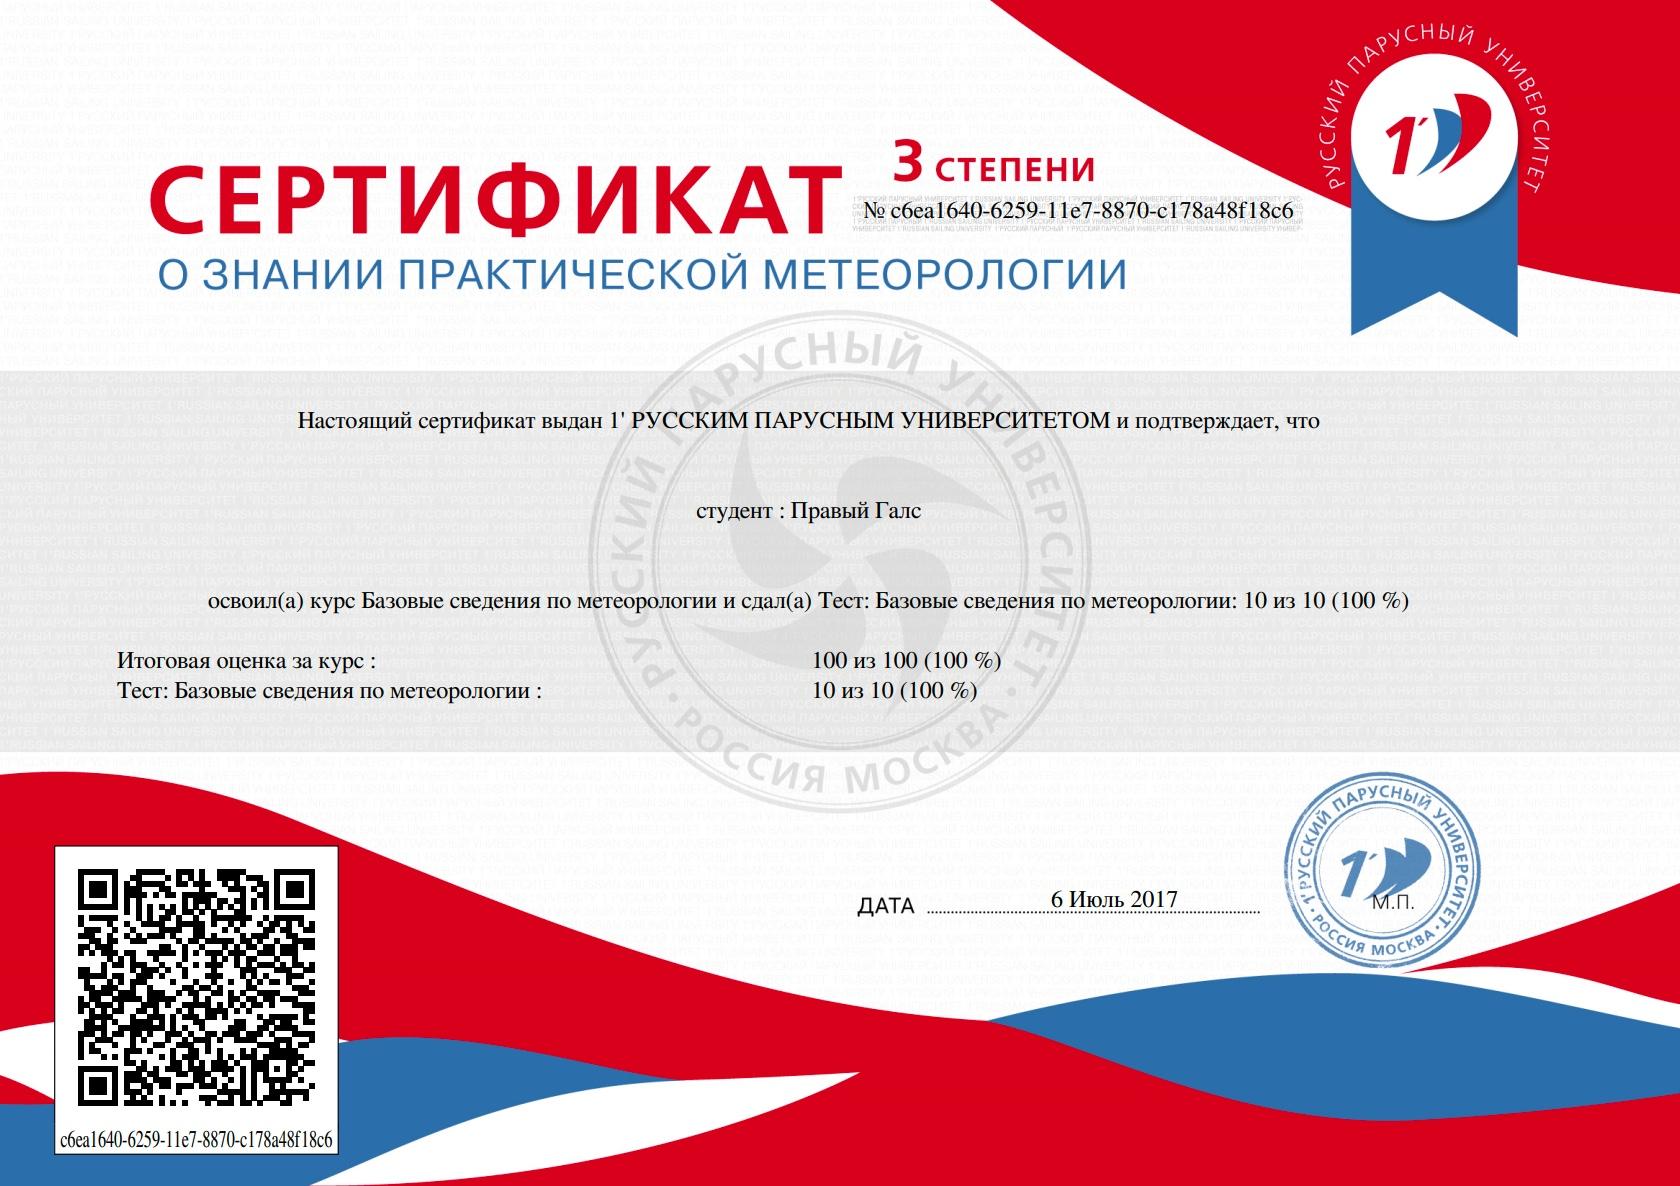 1'РПУ - сертификат